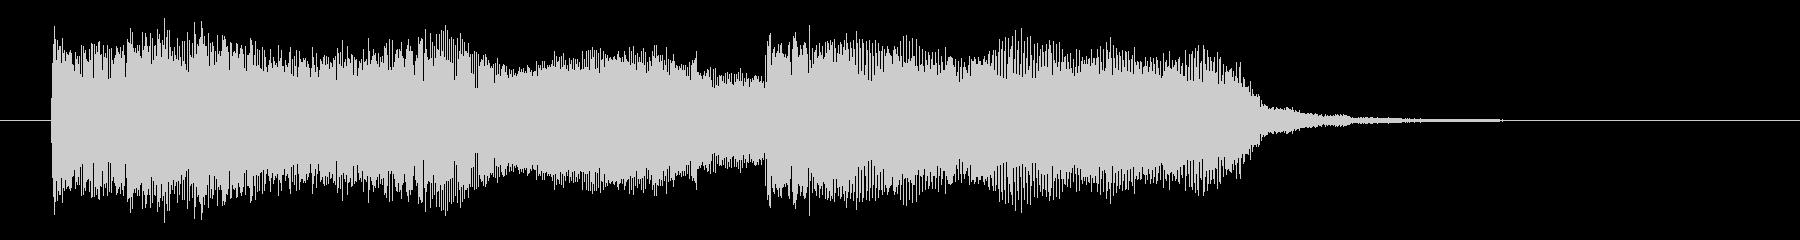 宇宙感とミステリアスなシンセサウンド短めの未再生の波形